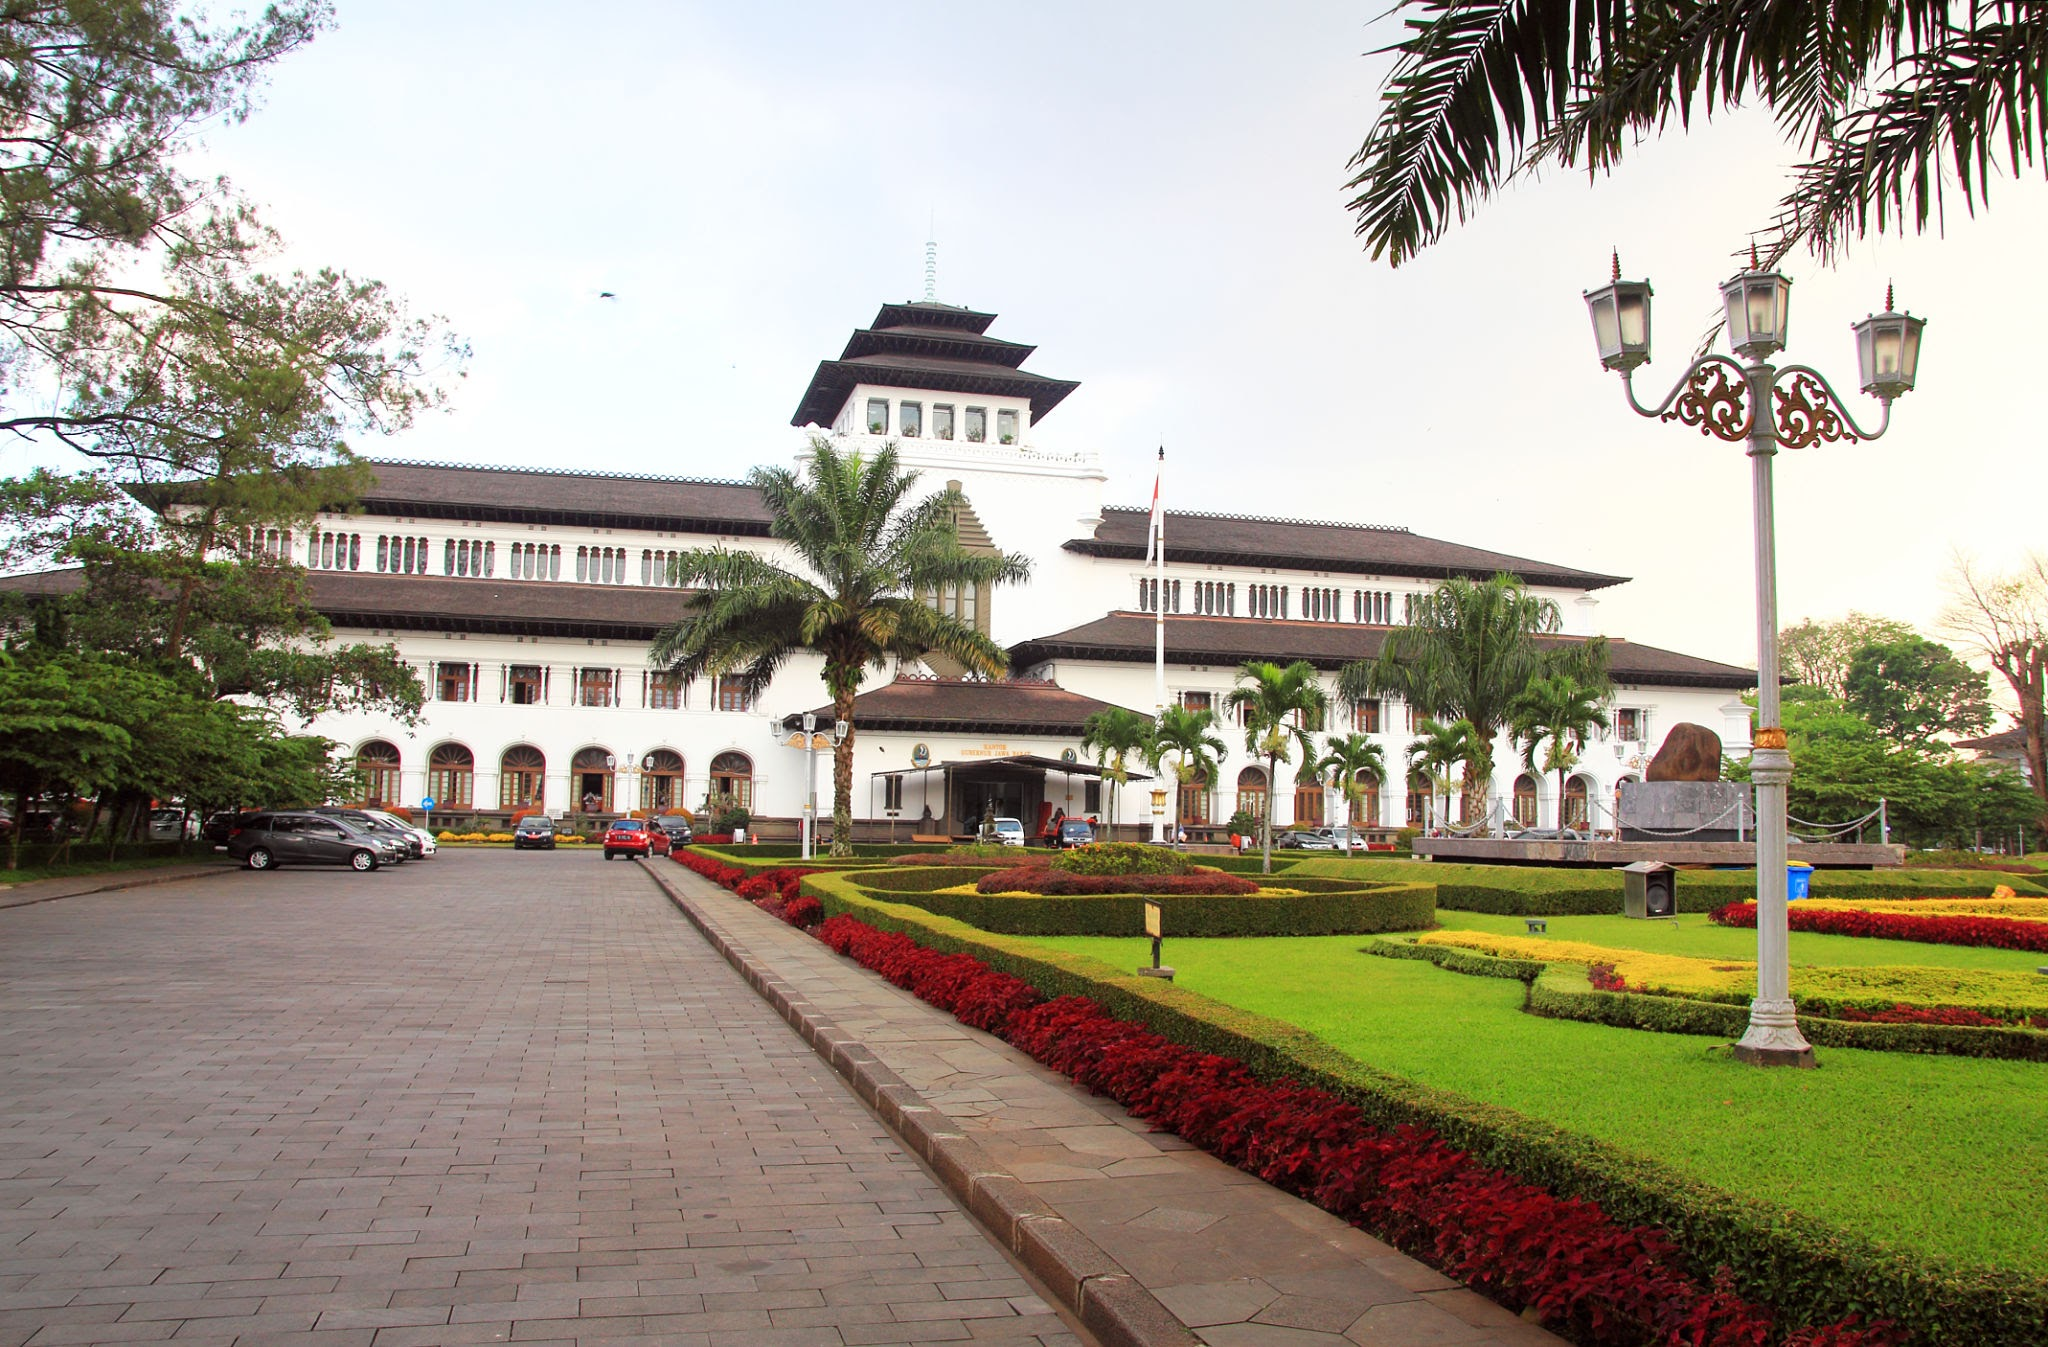 مبنى جيدونغ سيت في باندونج اندونيسيا